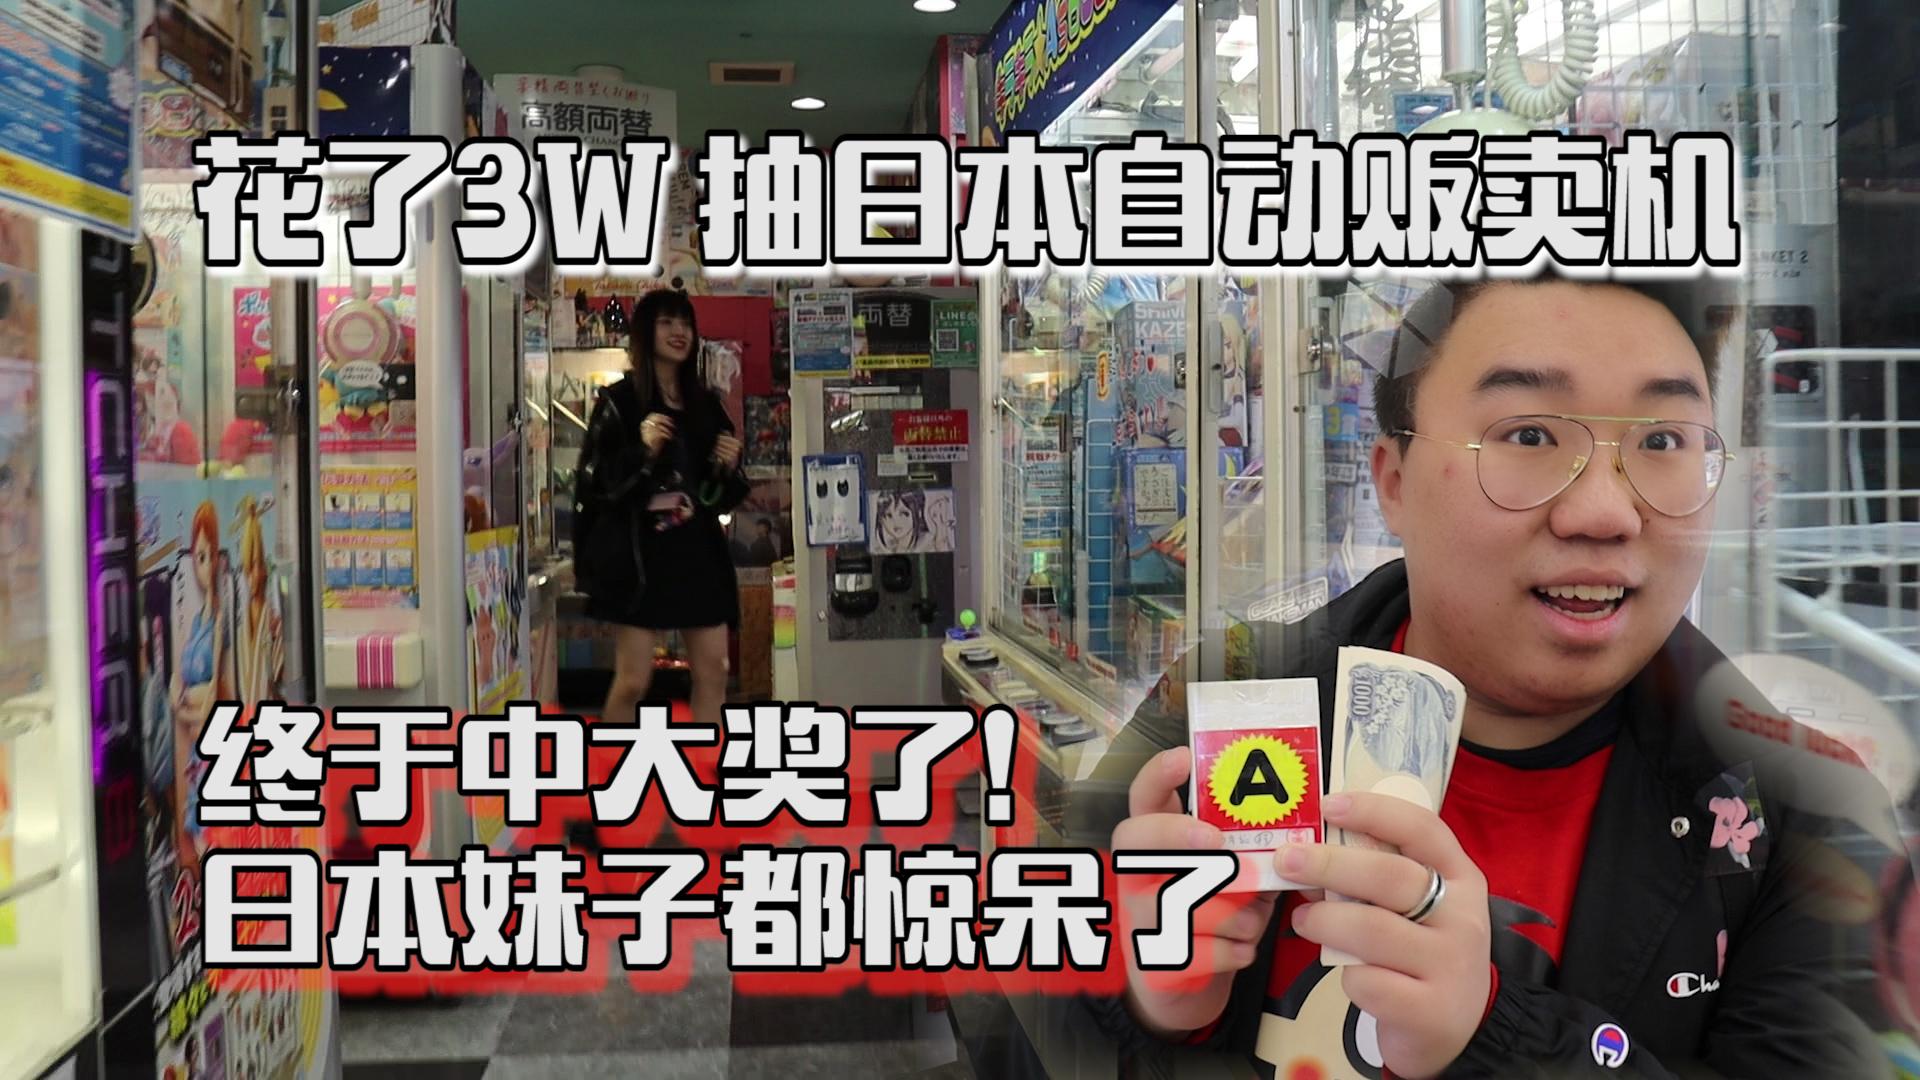 花了3W玩日本自动贩卖机能中大奖吗?